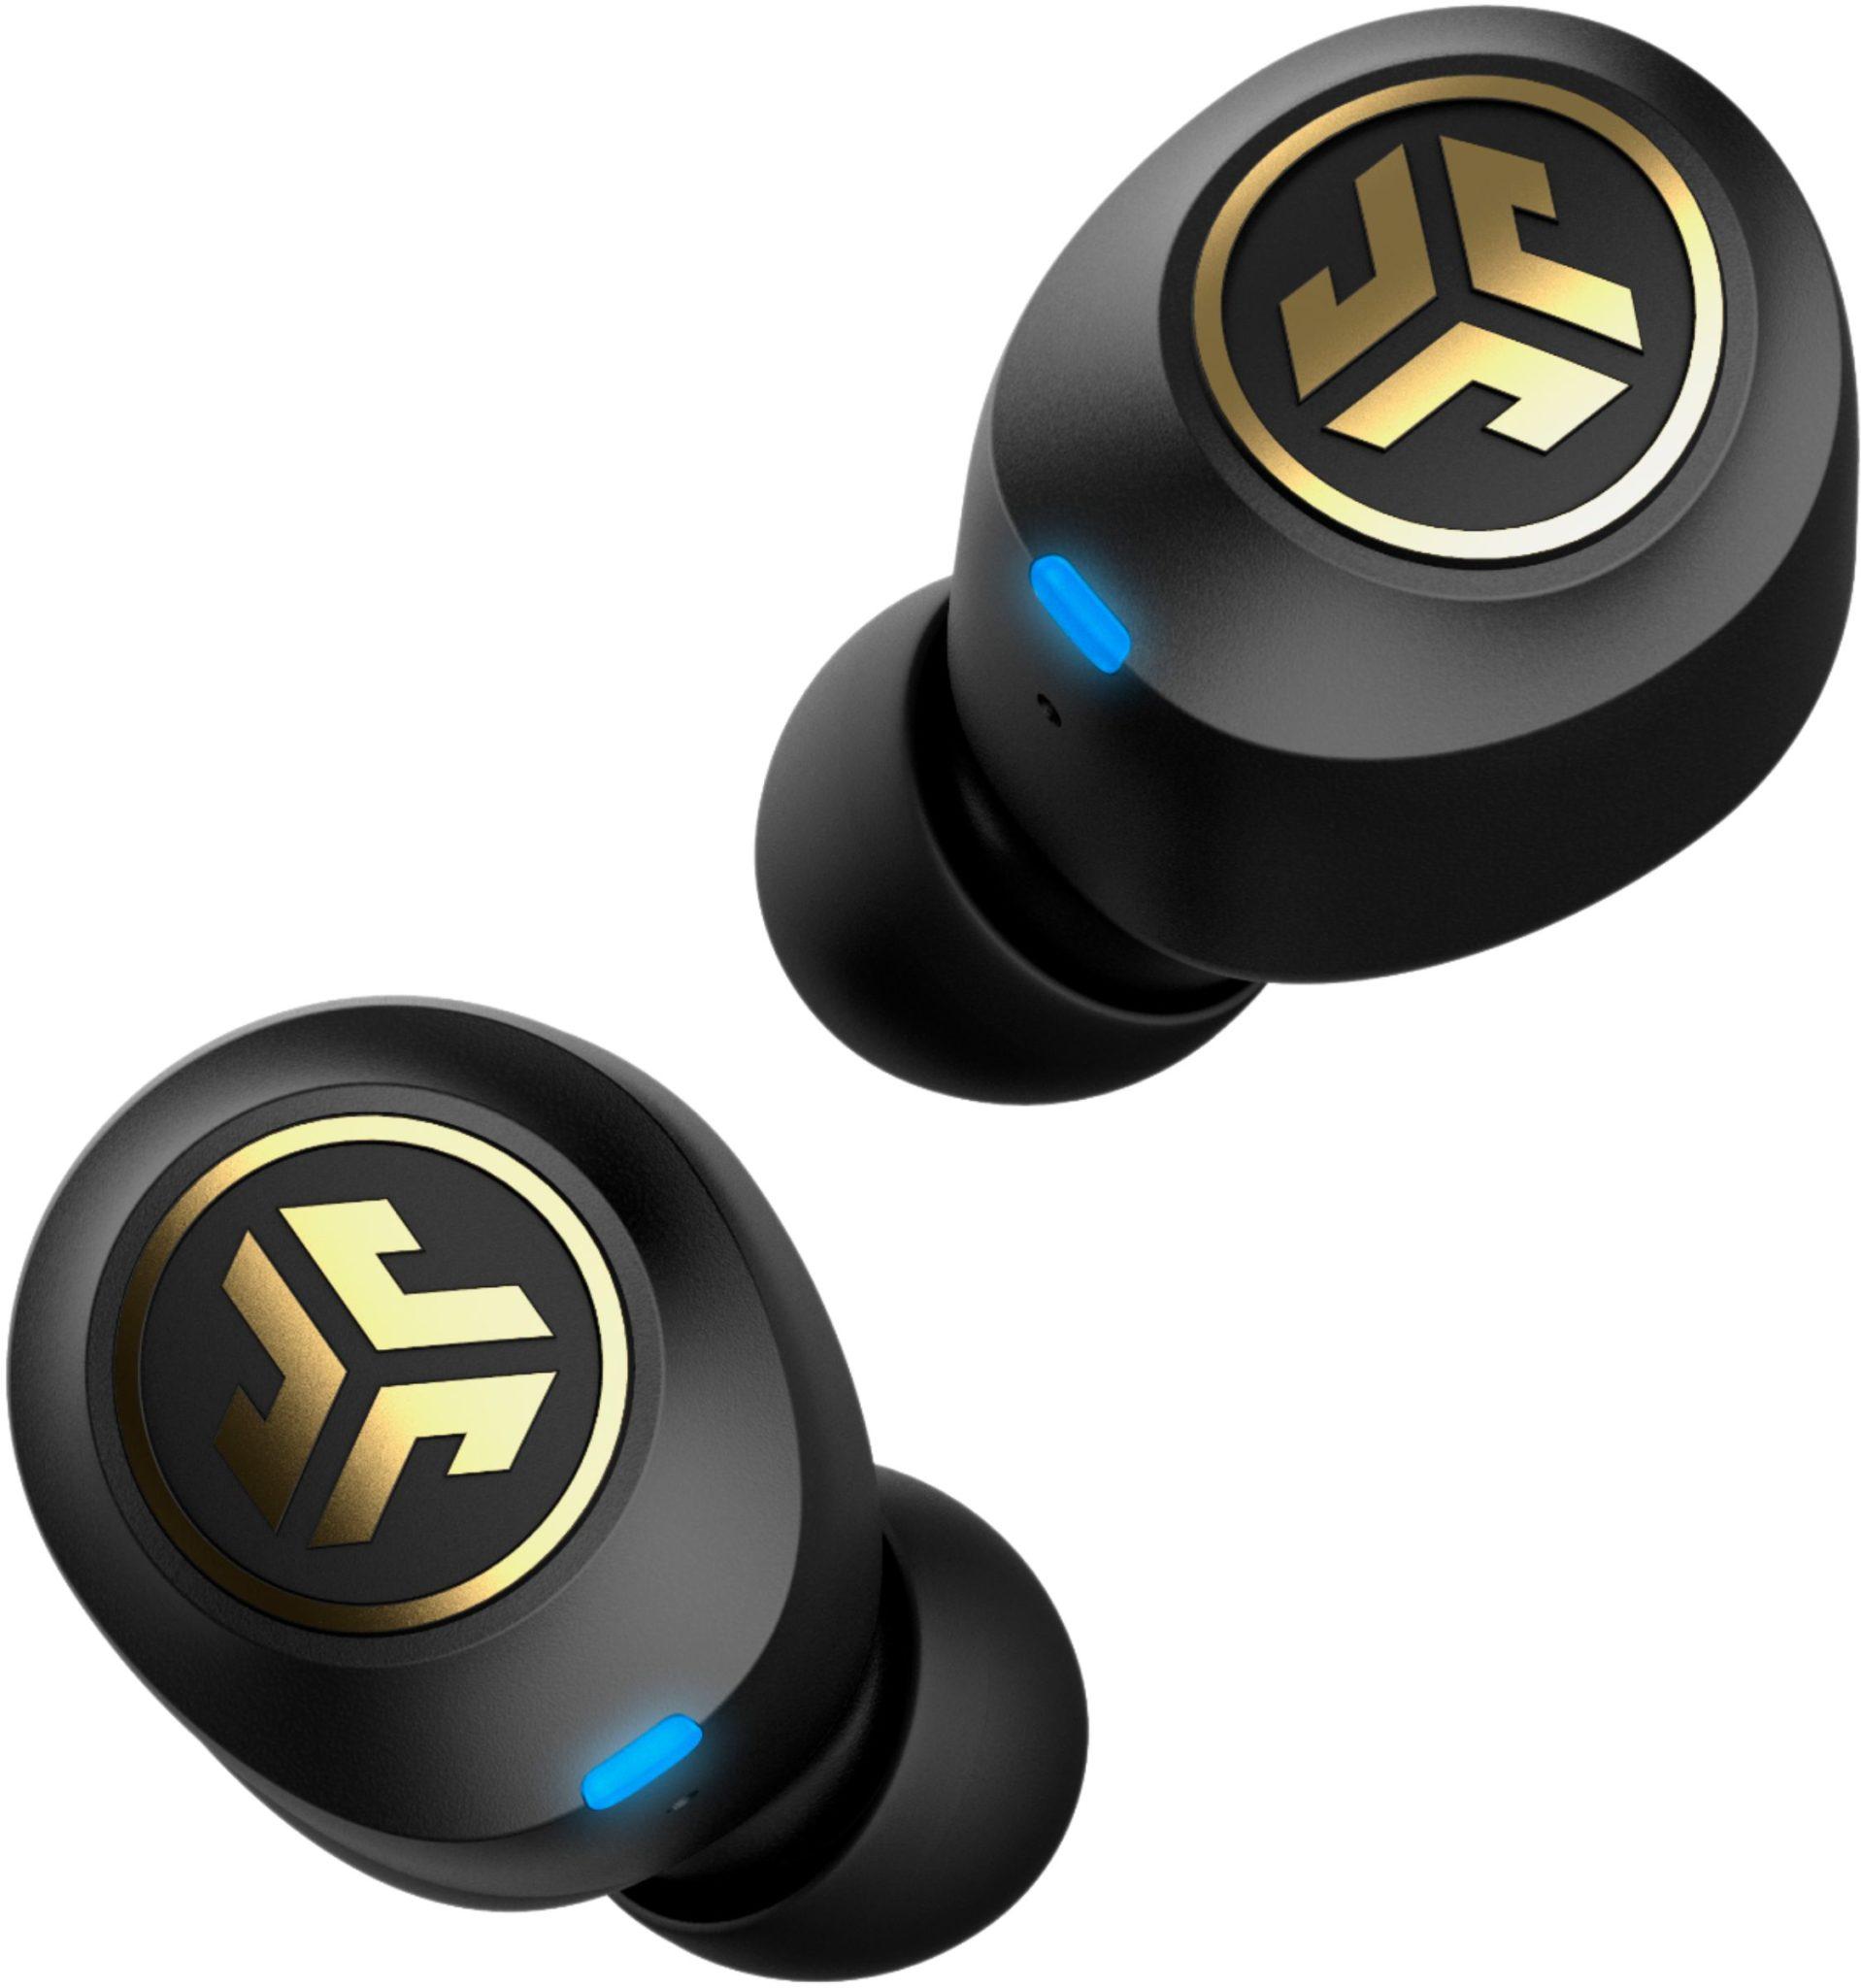 JLab Headphones: #1 True Wireless Headphones under $100 #FINDYOURGO #MegaChristmas19